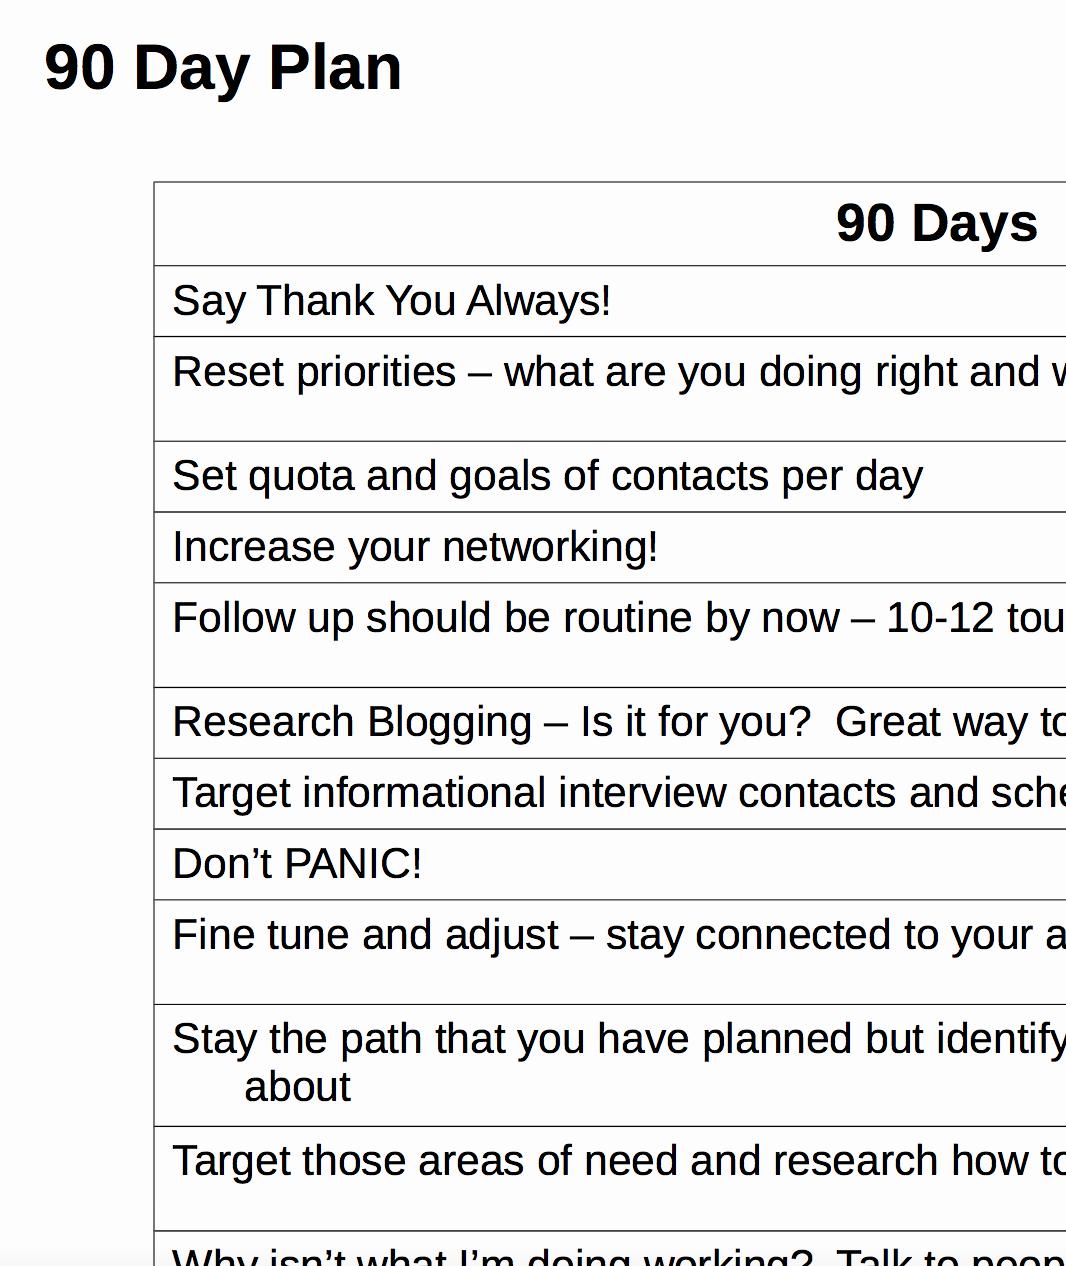 90 Day Plan Template Staruptalent